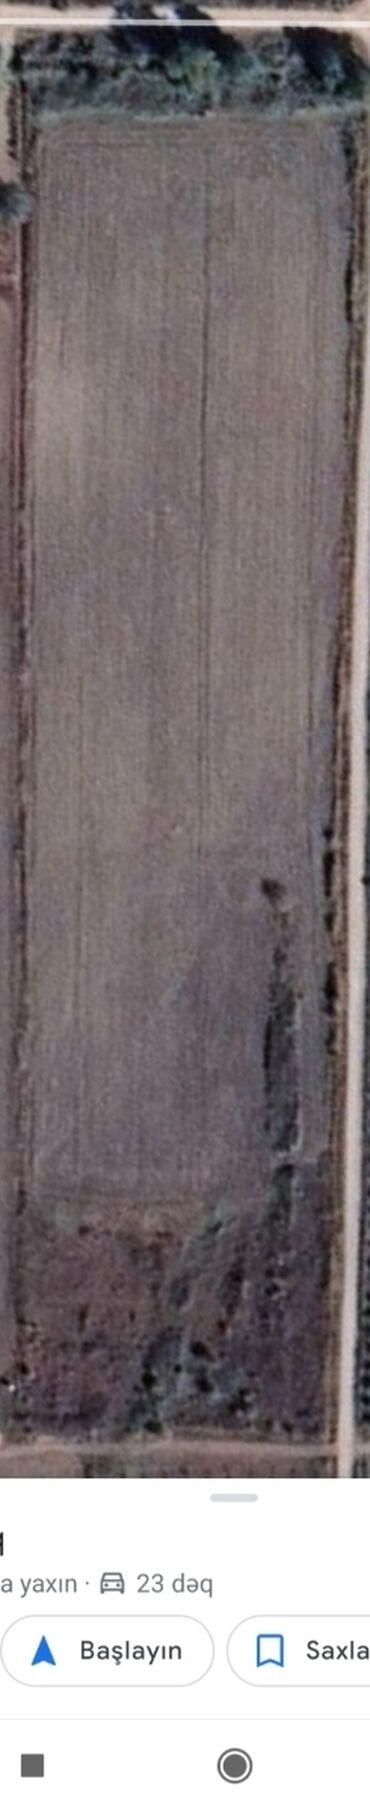 Torpaq sahələrinin satışı - Xudat: Torpaq sahələrinin satışı 310 sot Kənd təsərrüfatı, Mülkiyyətçi